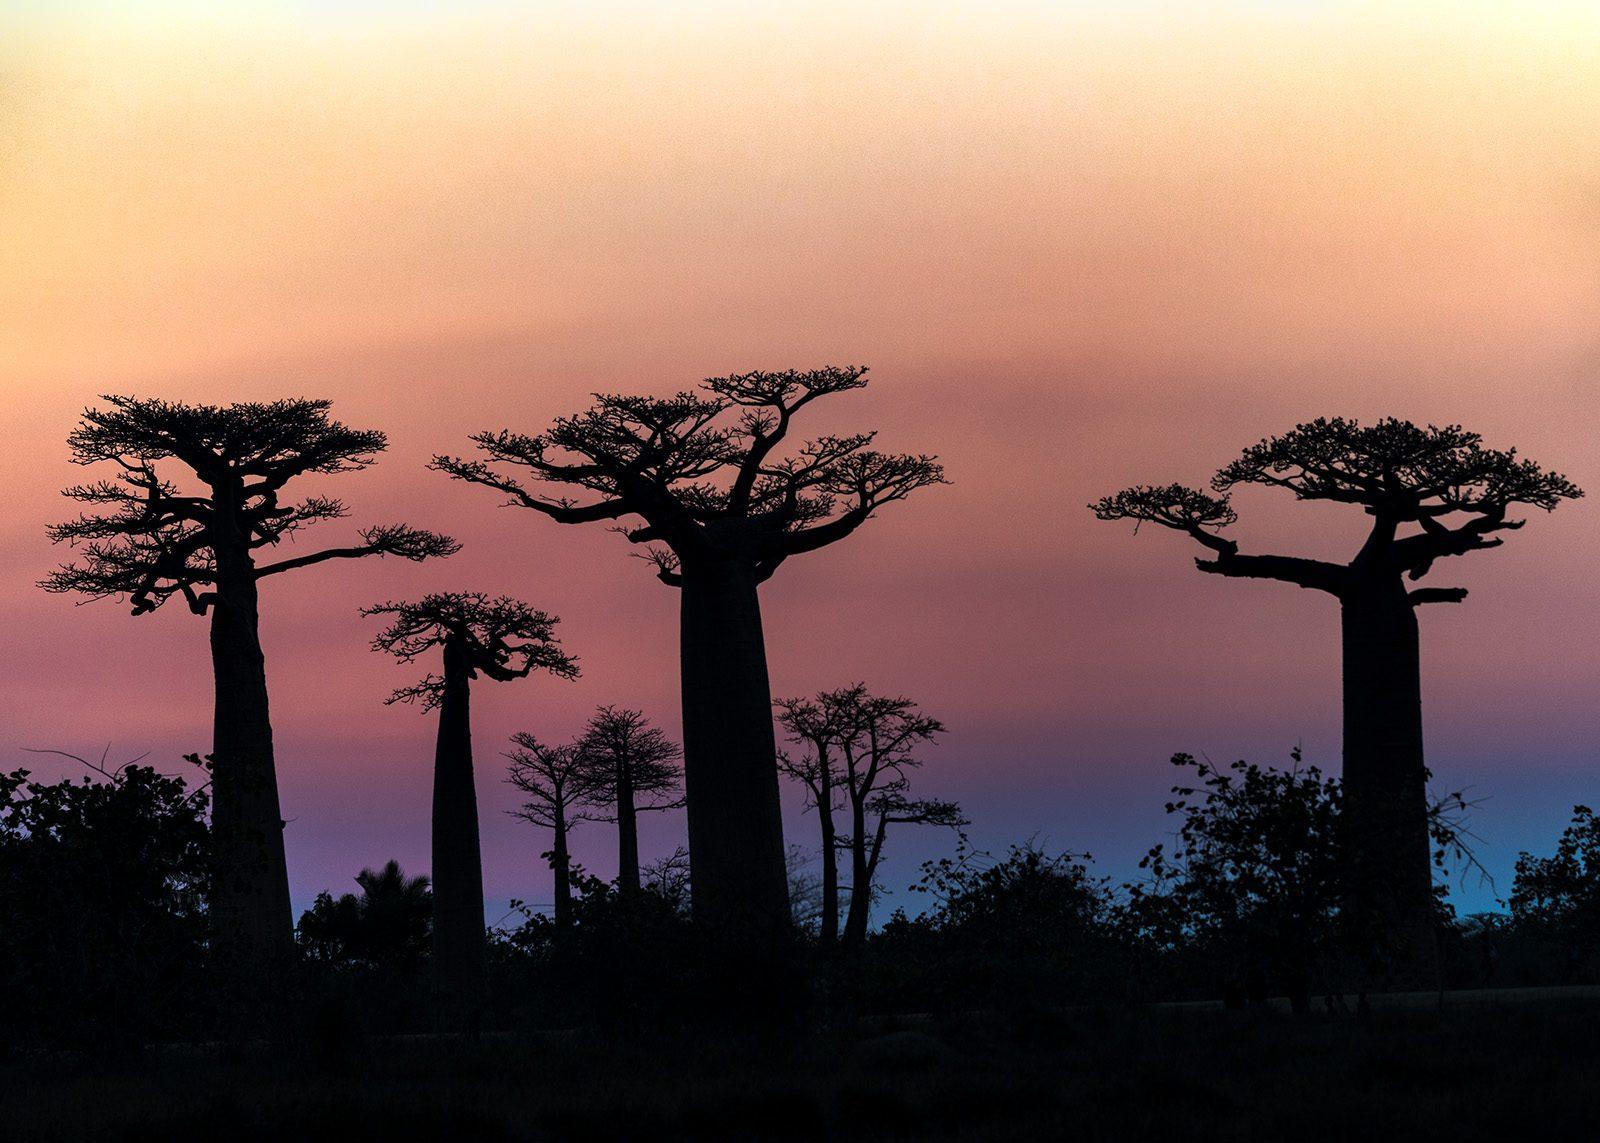 Solnedgang i baobab-avenyen av Kåre Johansen